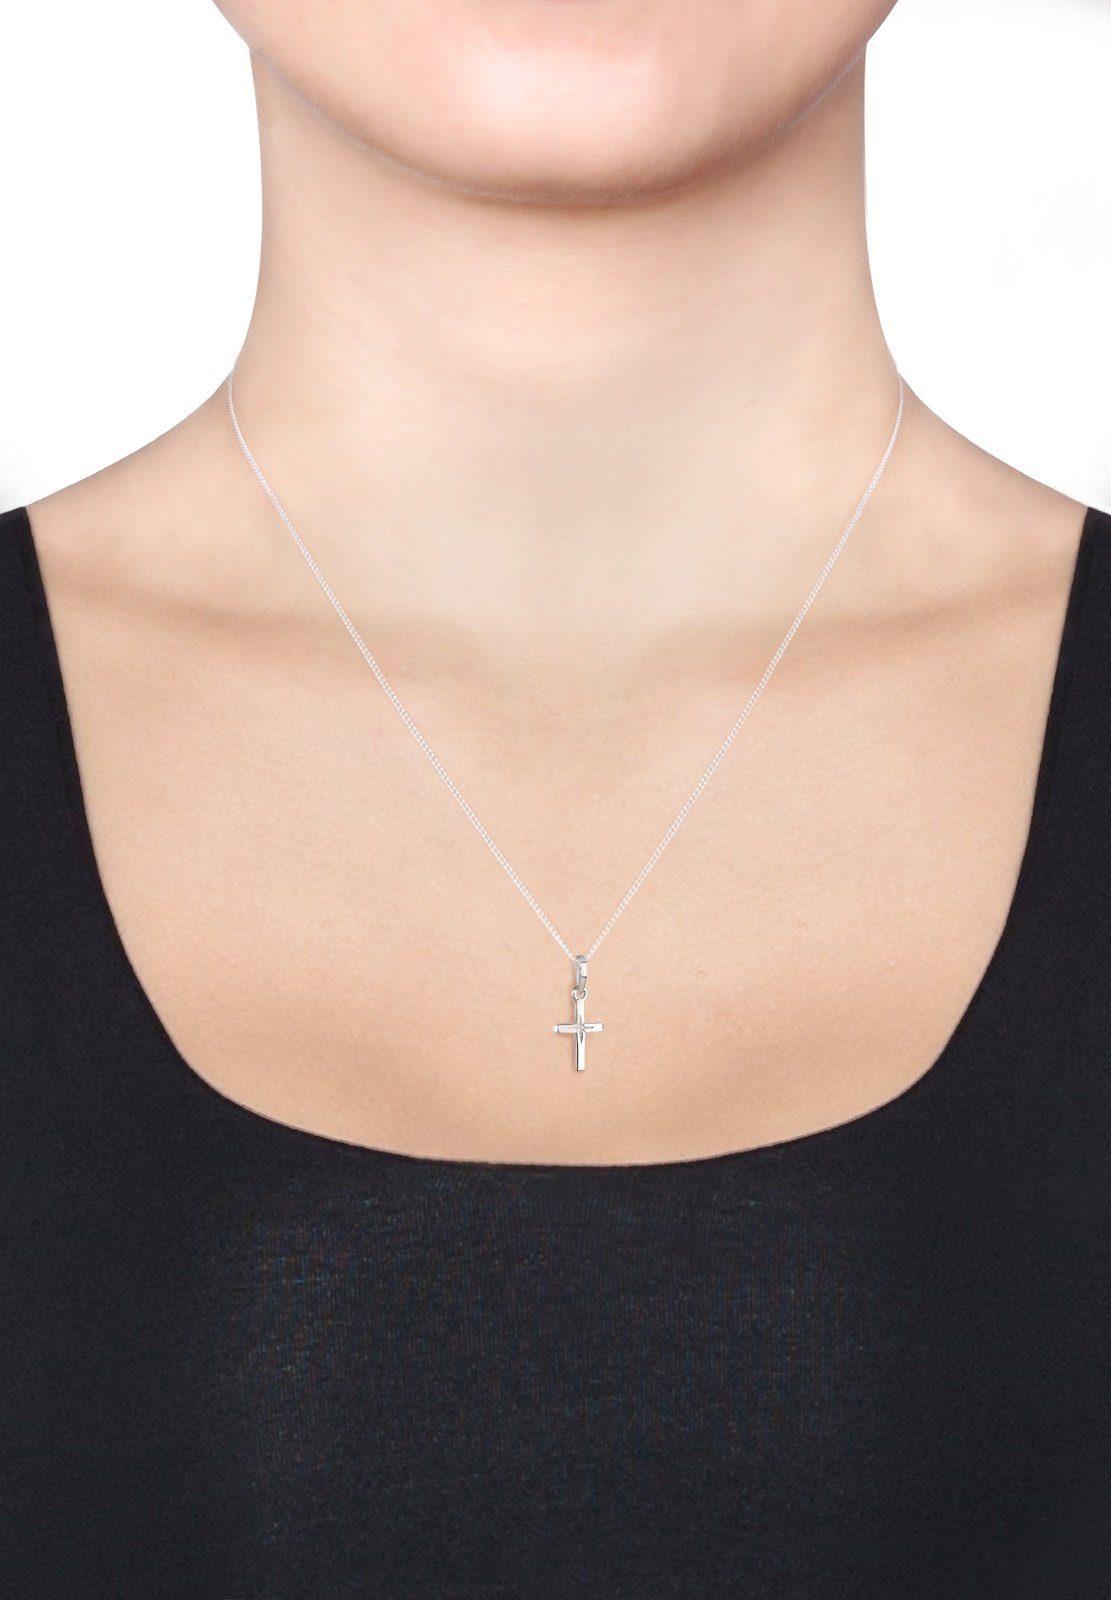 925 Sterngravur Kaufen Halskette Online Elli Religion »kreuz Silber« pUqMVGSz